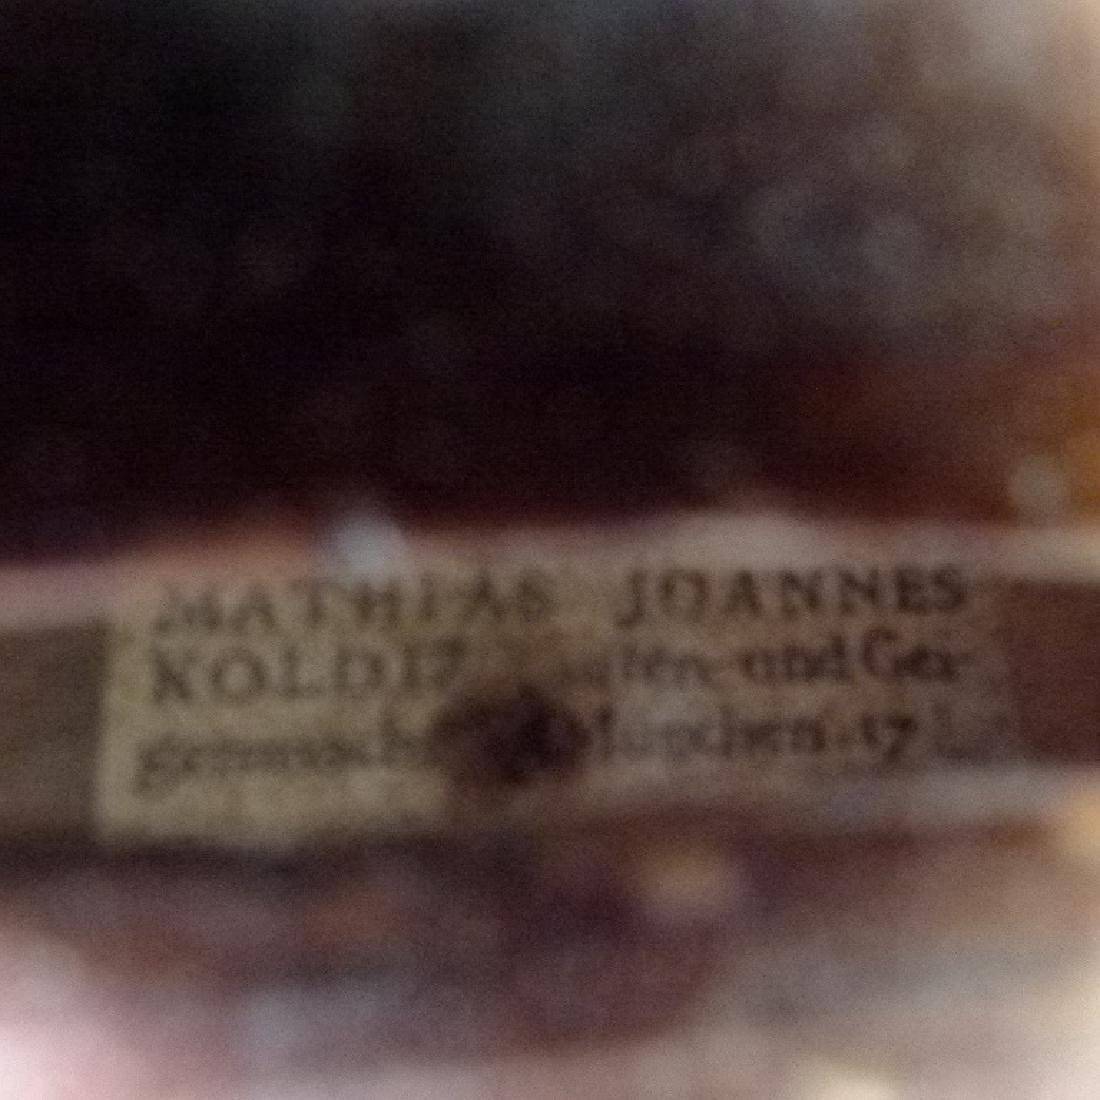 GERMAN VIOLIN W/ LABEL OF MATHIAS JOANNES - 6